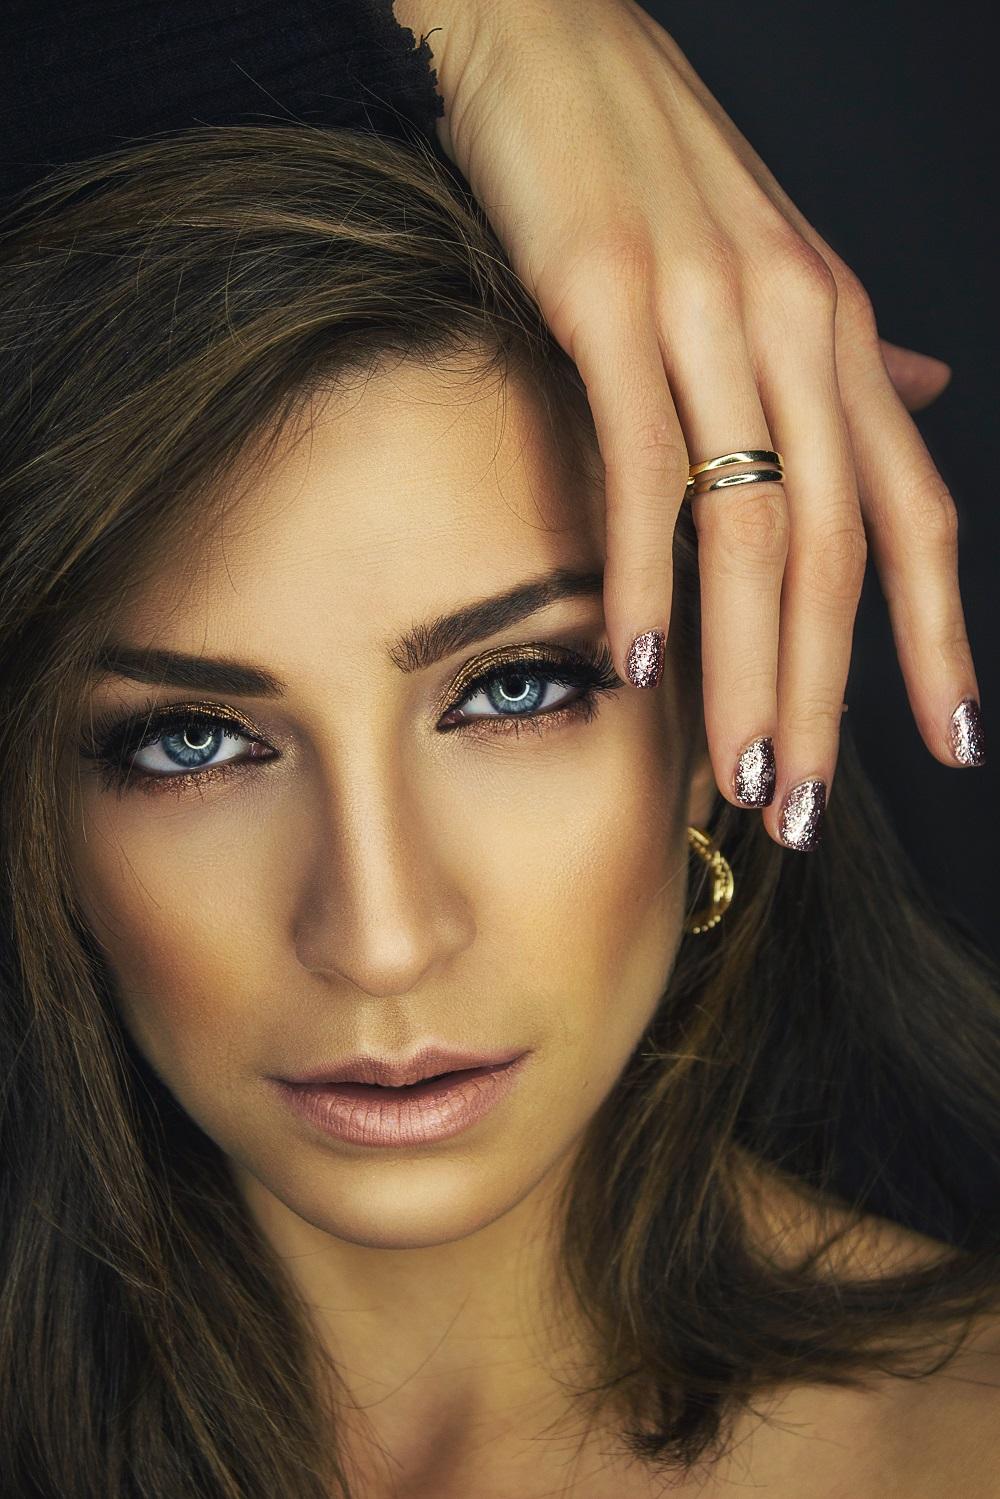 Малки тайни за красота от големите блогове